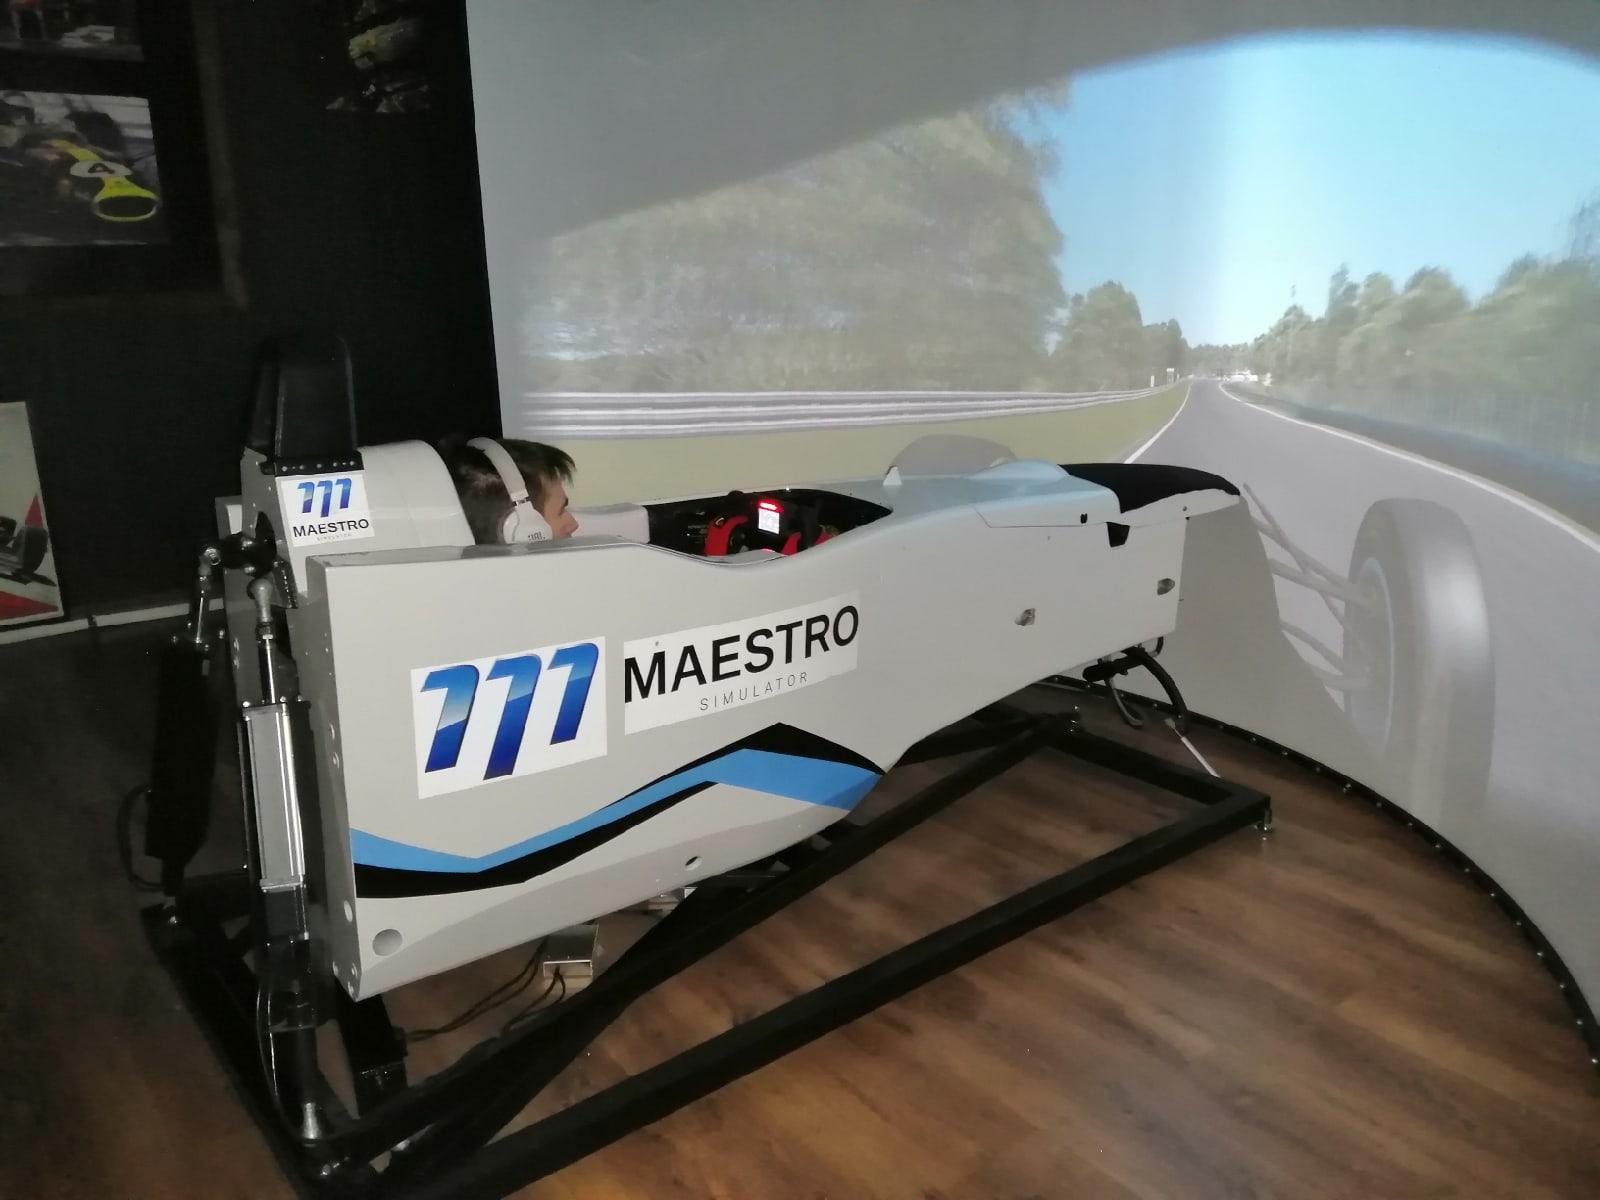 «Есть предварительная договорённость на участие во ФРЕКА». Руководство «Маэстро Моторспорт» о прошедшем и предстоящем гоночных сезонах